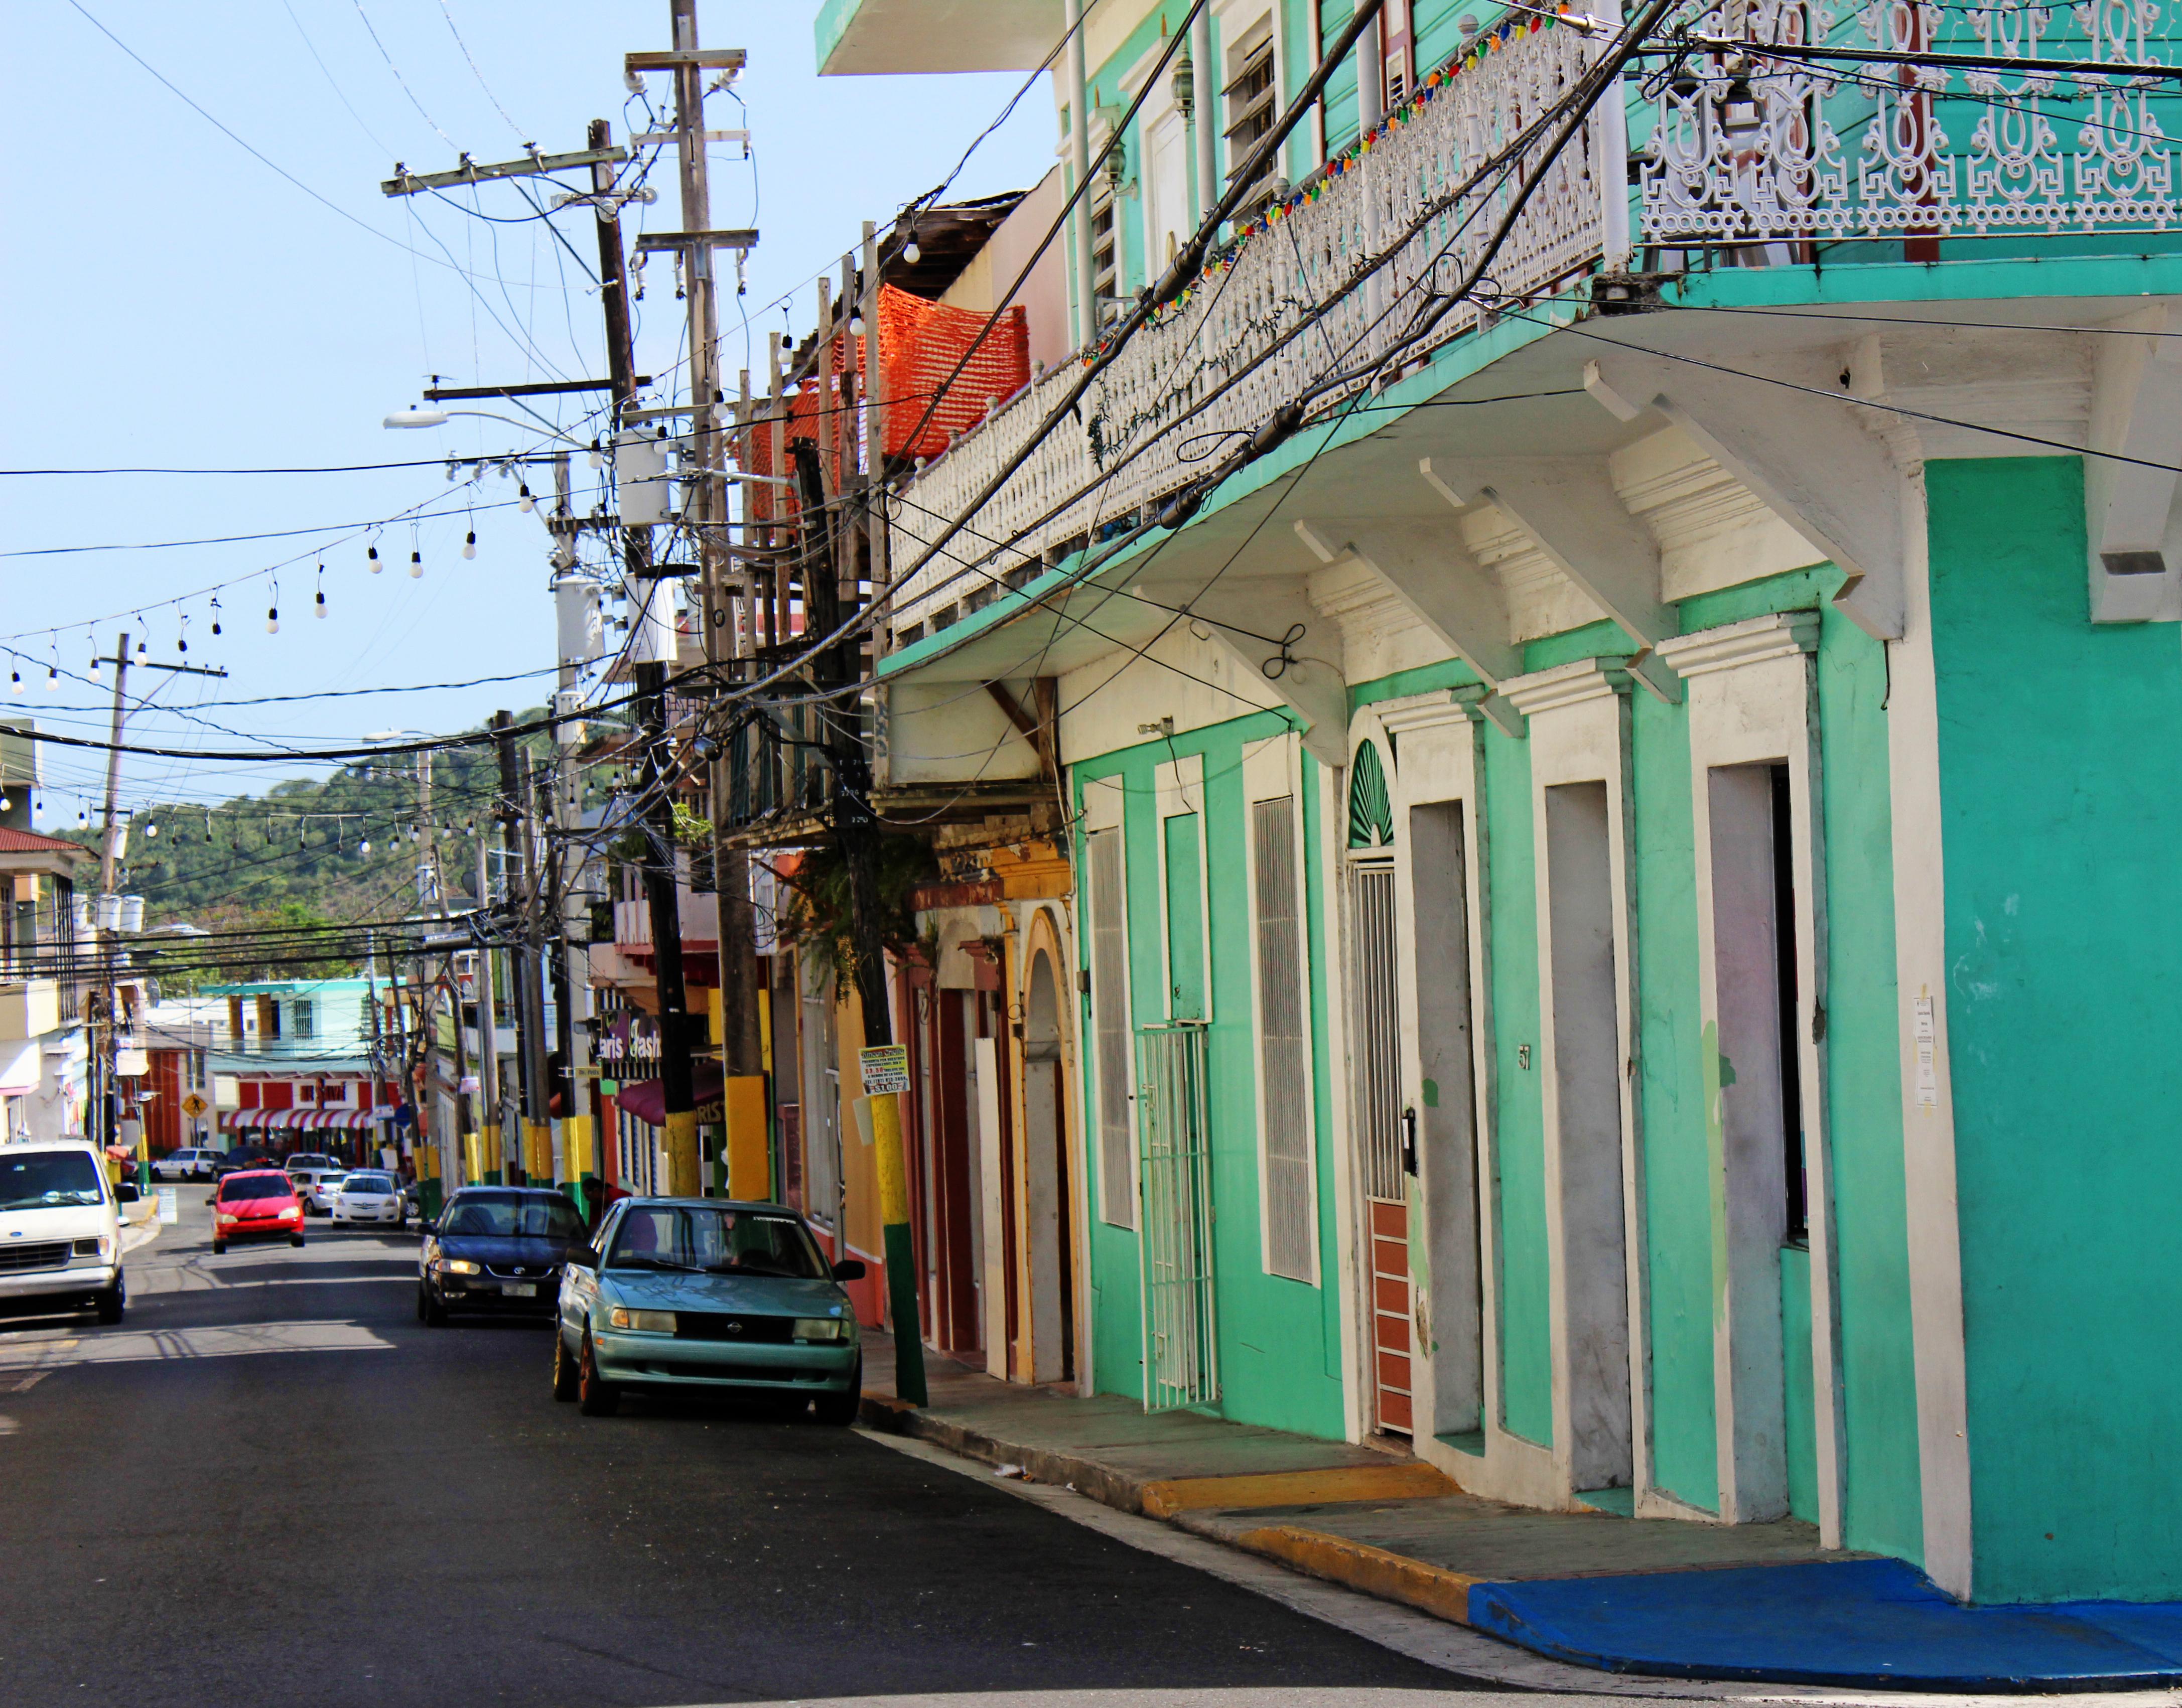 Sabana Grande, Puerto Rico, Building, Car, Puerto Rico, Road, HQ Photo